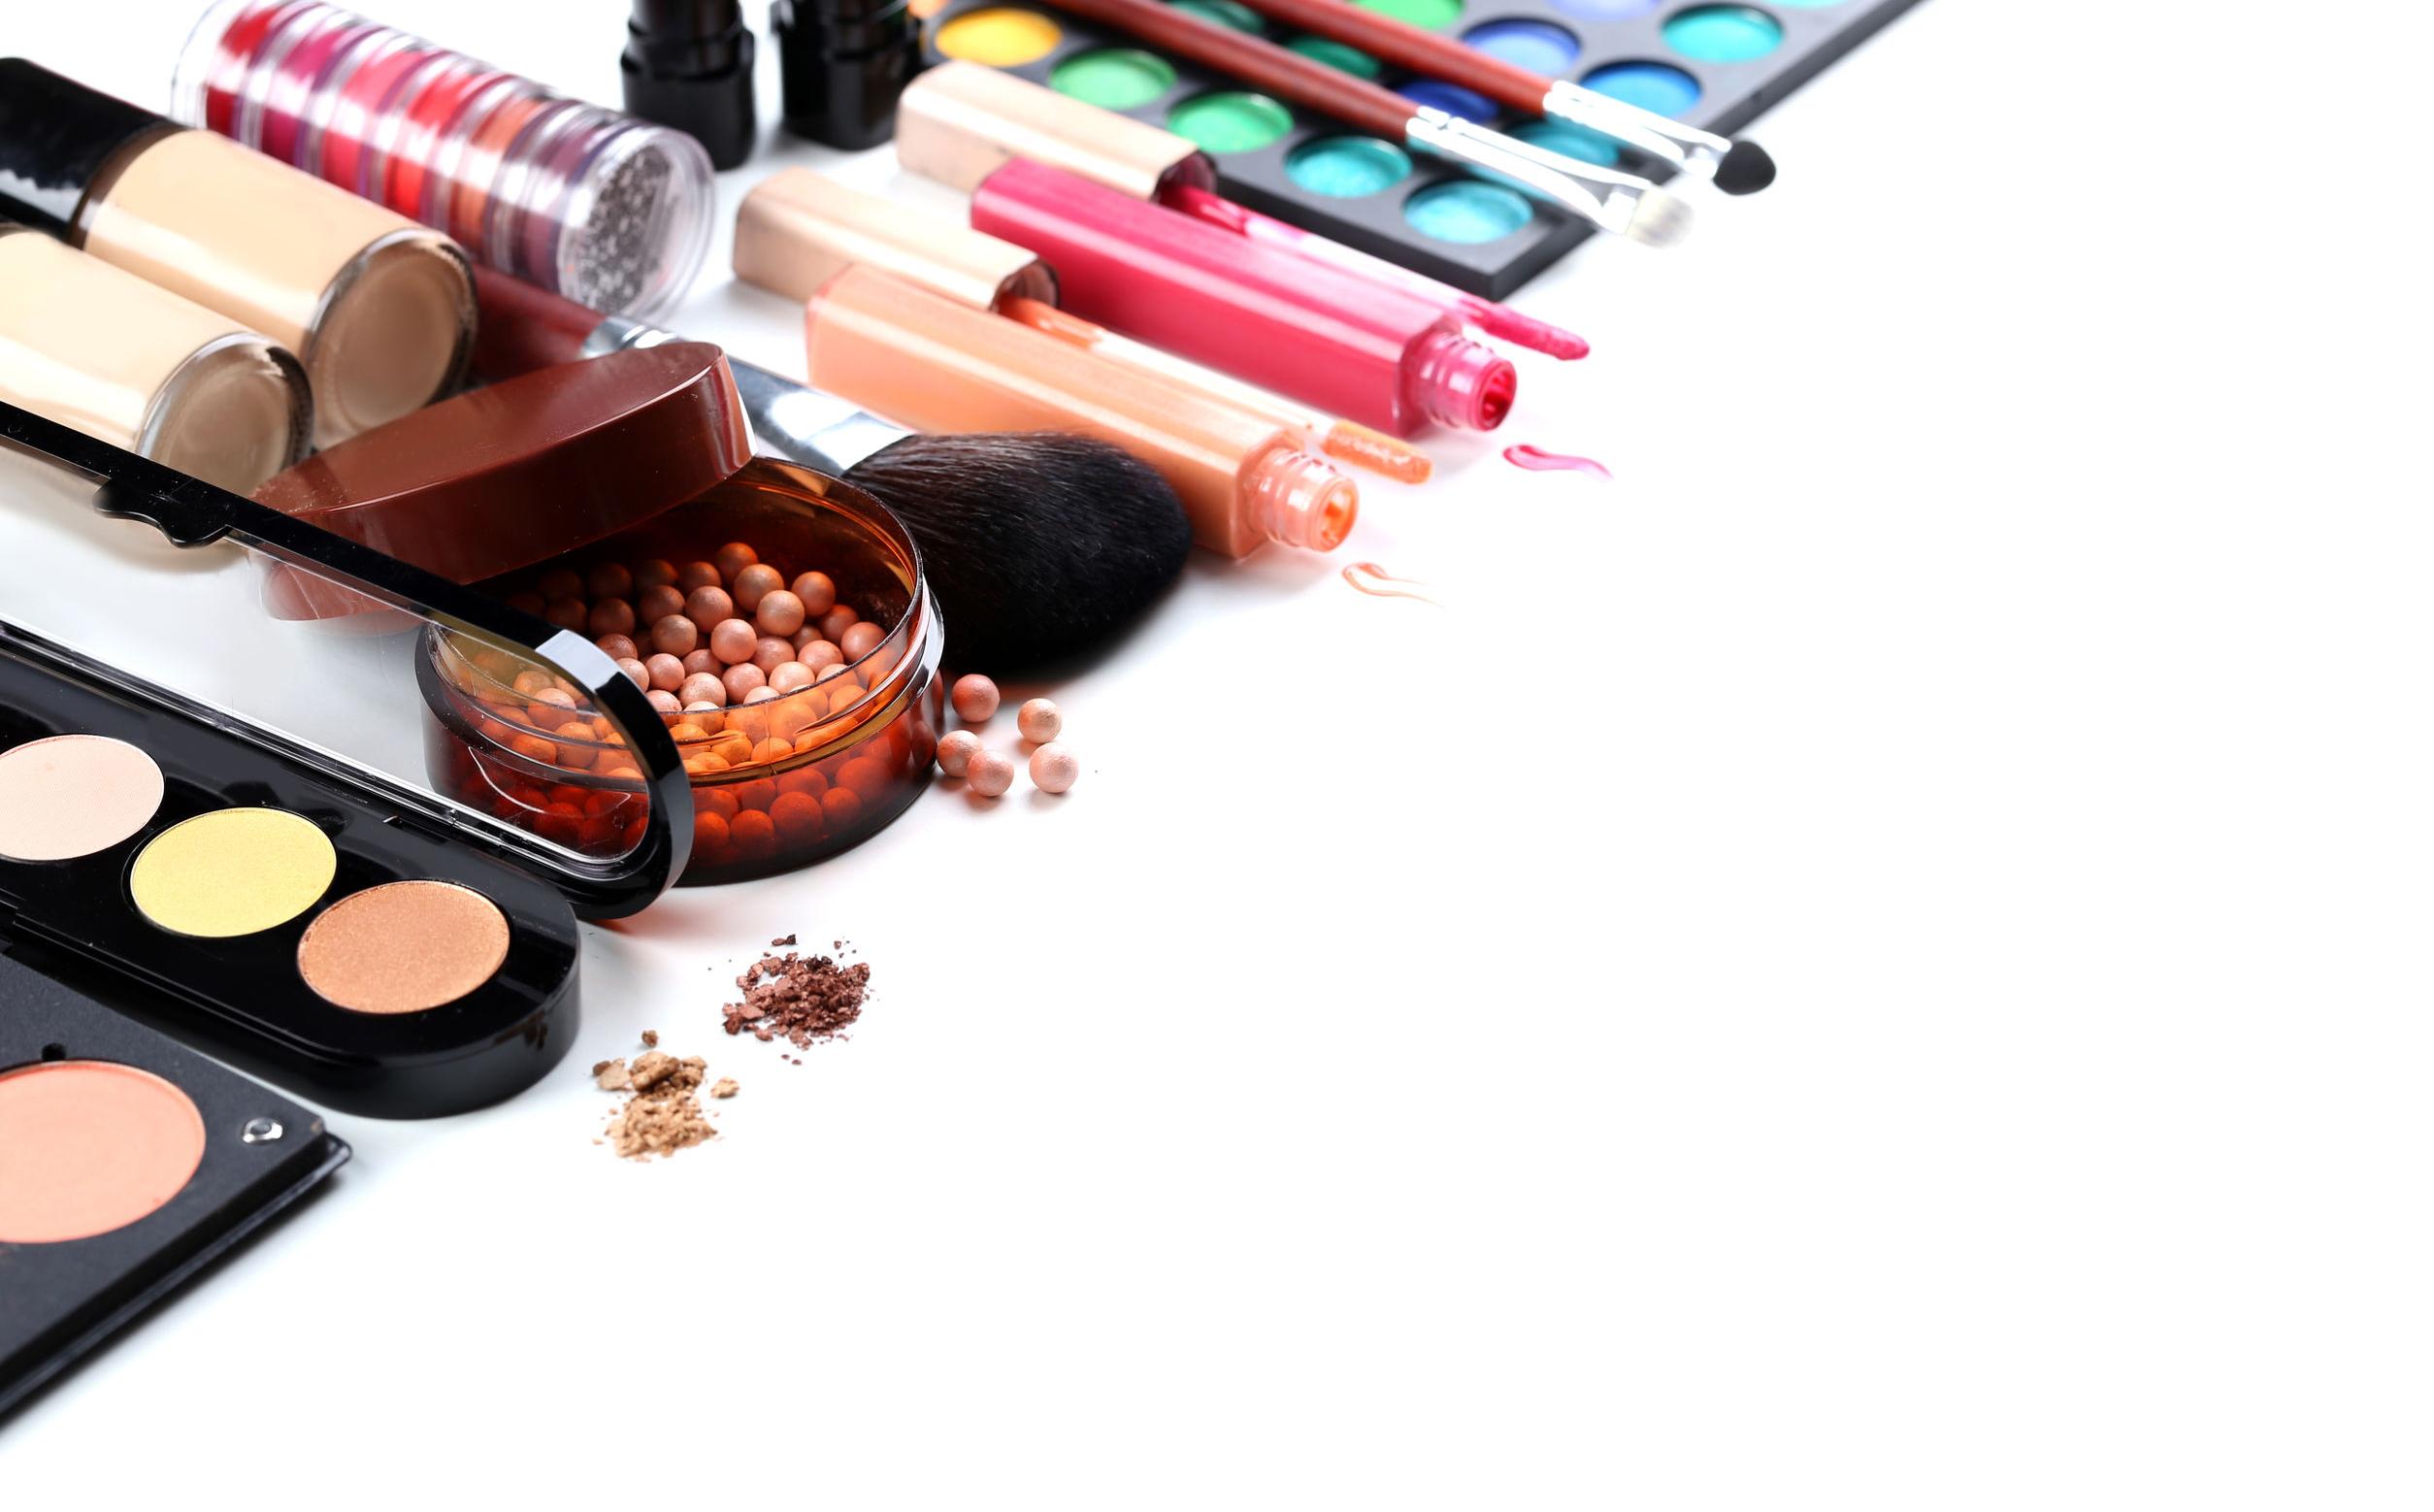 10 schädliche Inhaltsstoffe in Kosmetik und wie man sie erkennt